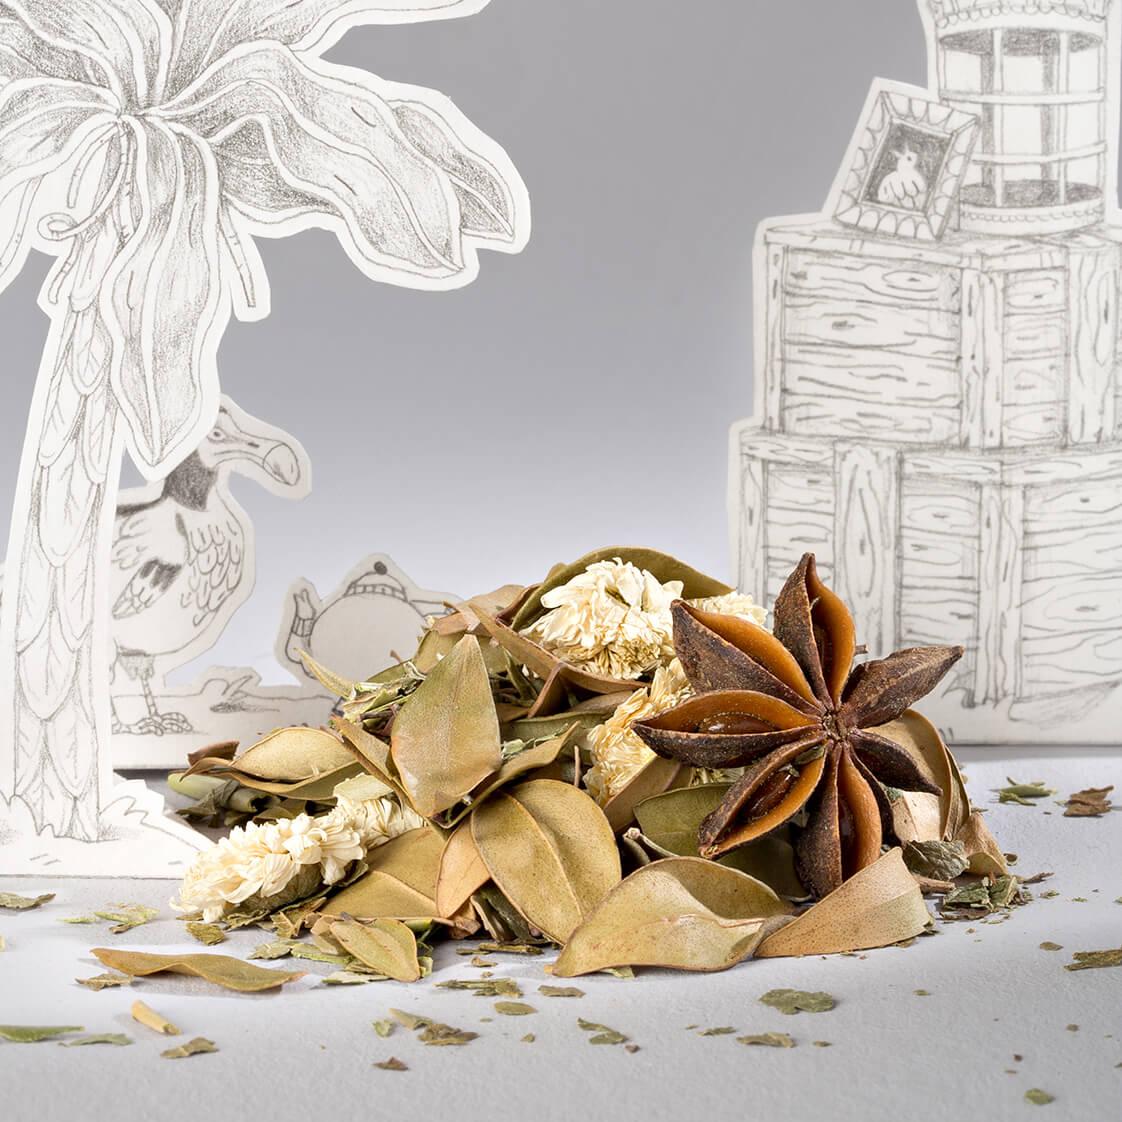 L'infusion La blanche colombe est une tisane détox, purifiante et drainante de la collection Portraits d'oiseaux de Comme des tisanes.